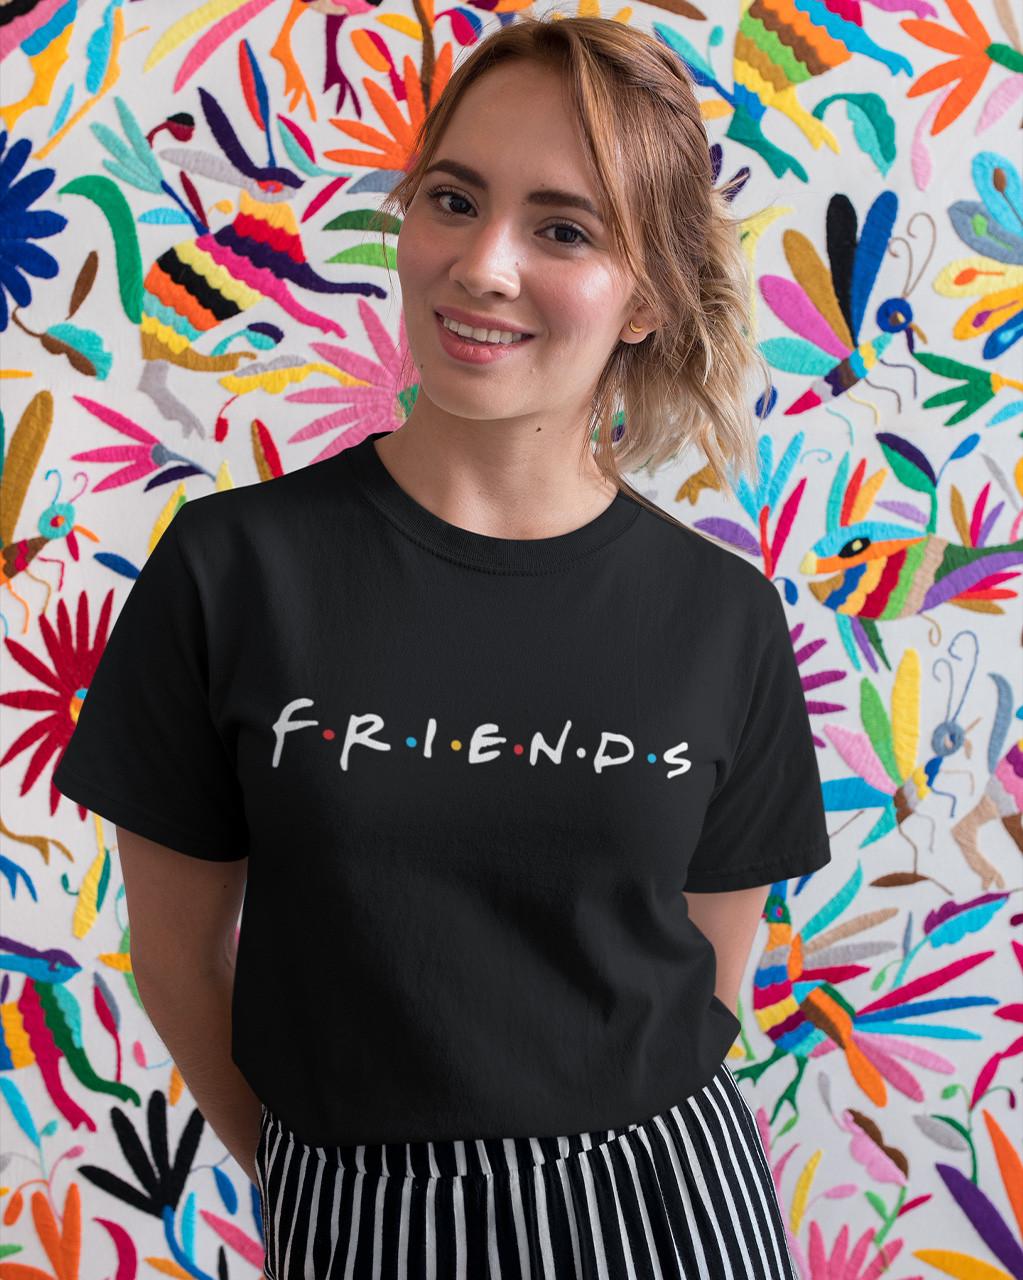 """Футболка женская чёрная с принтом """"Friends"""""""